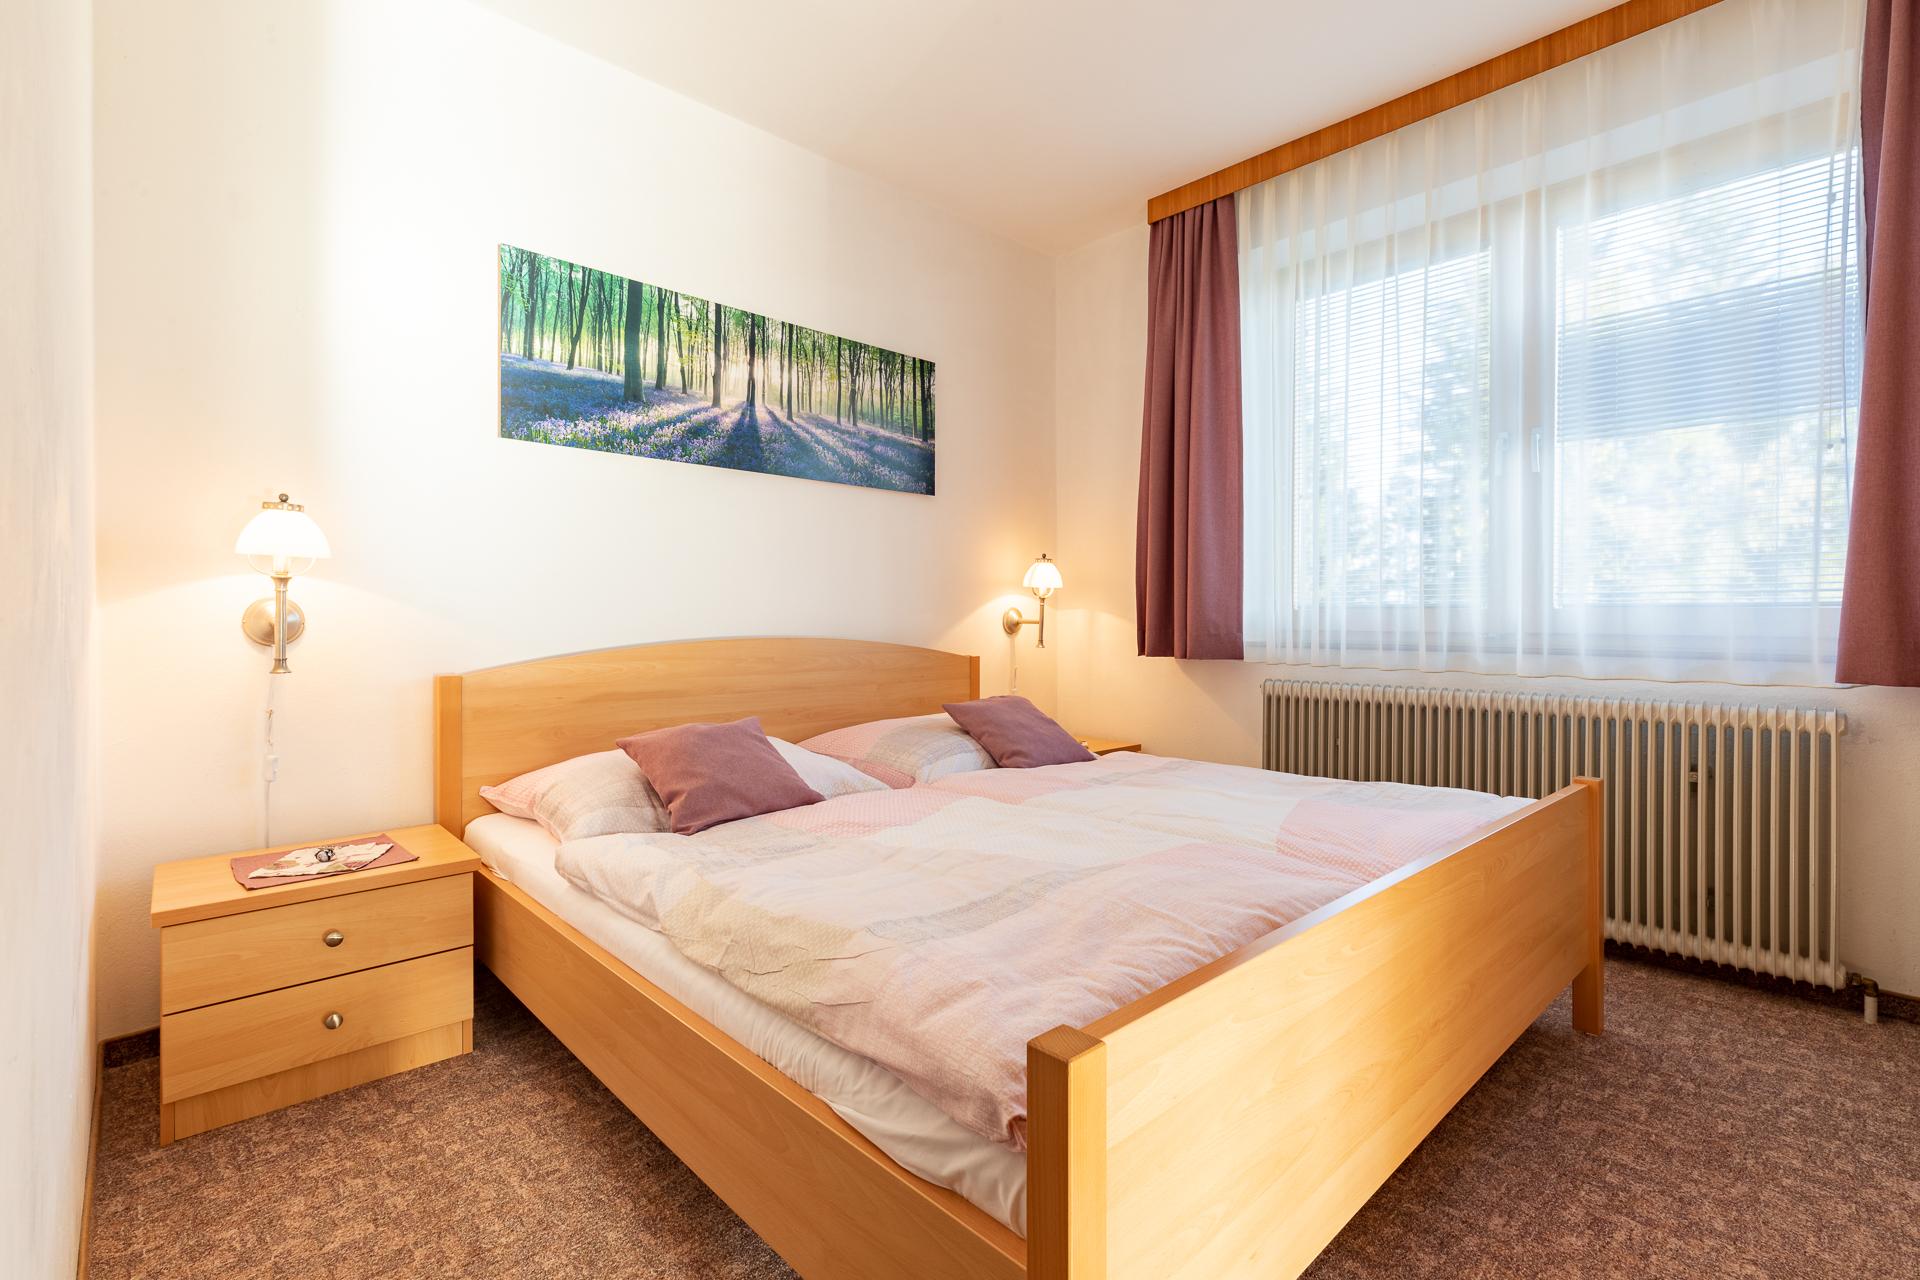 2_gaestehaus-apschner-web-14Cwieneralpen-kremsl